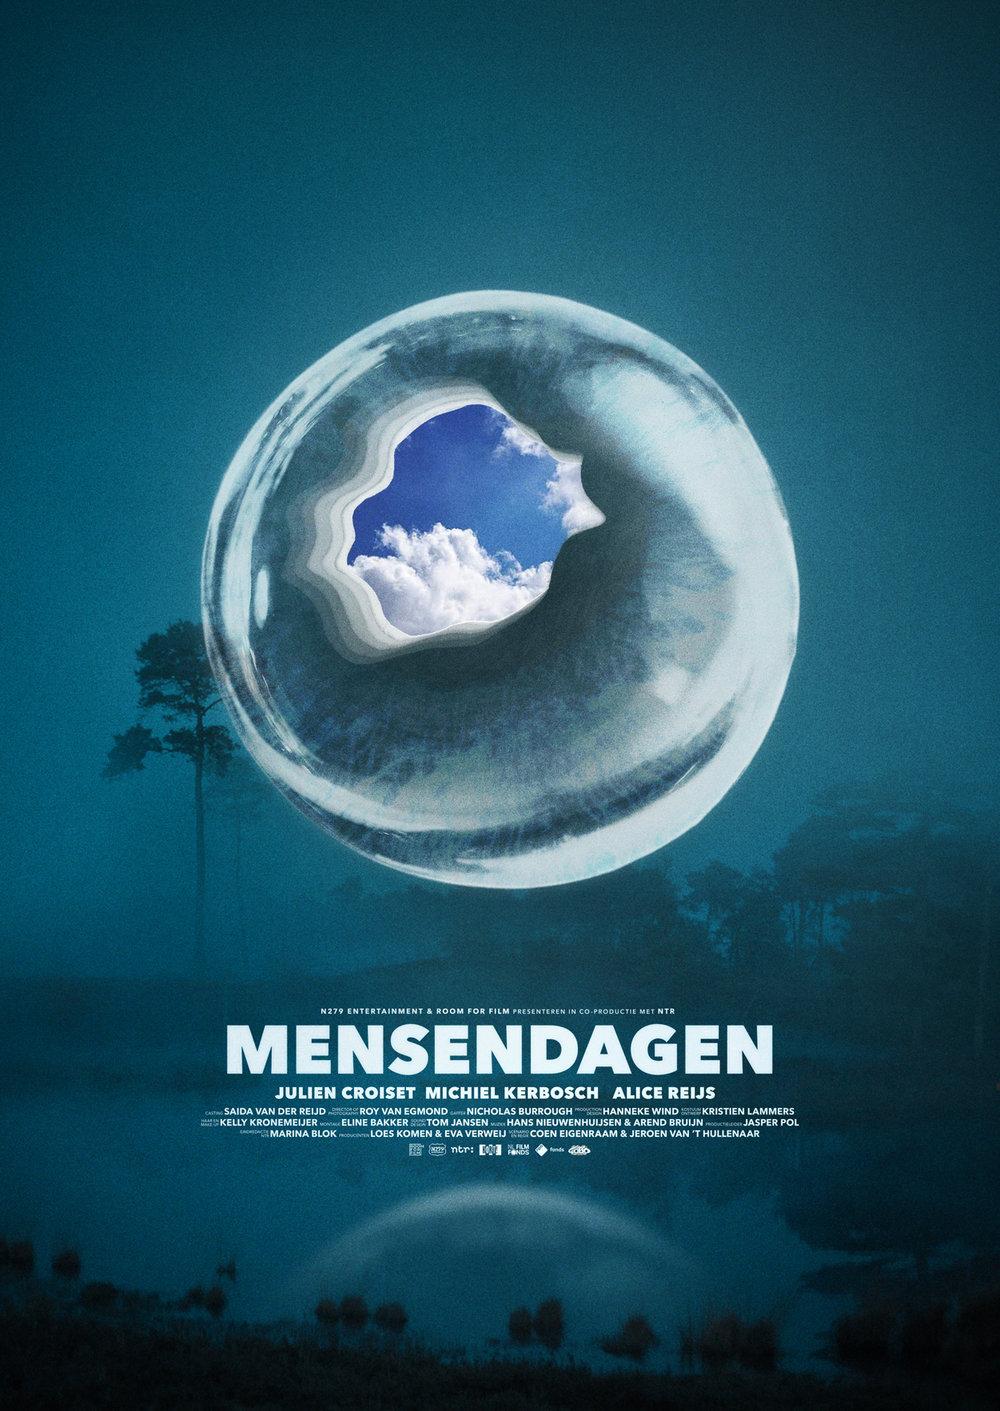 Mensendagen_Poster_WEB_LR_AbelvanErkel_v1.0.jpg